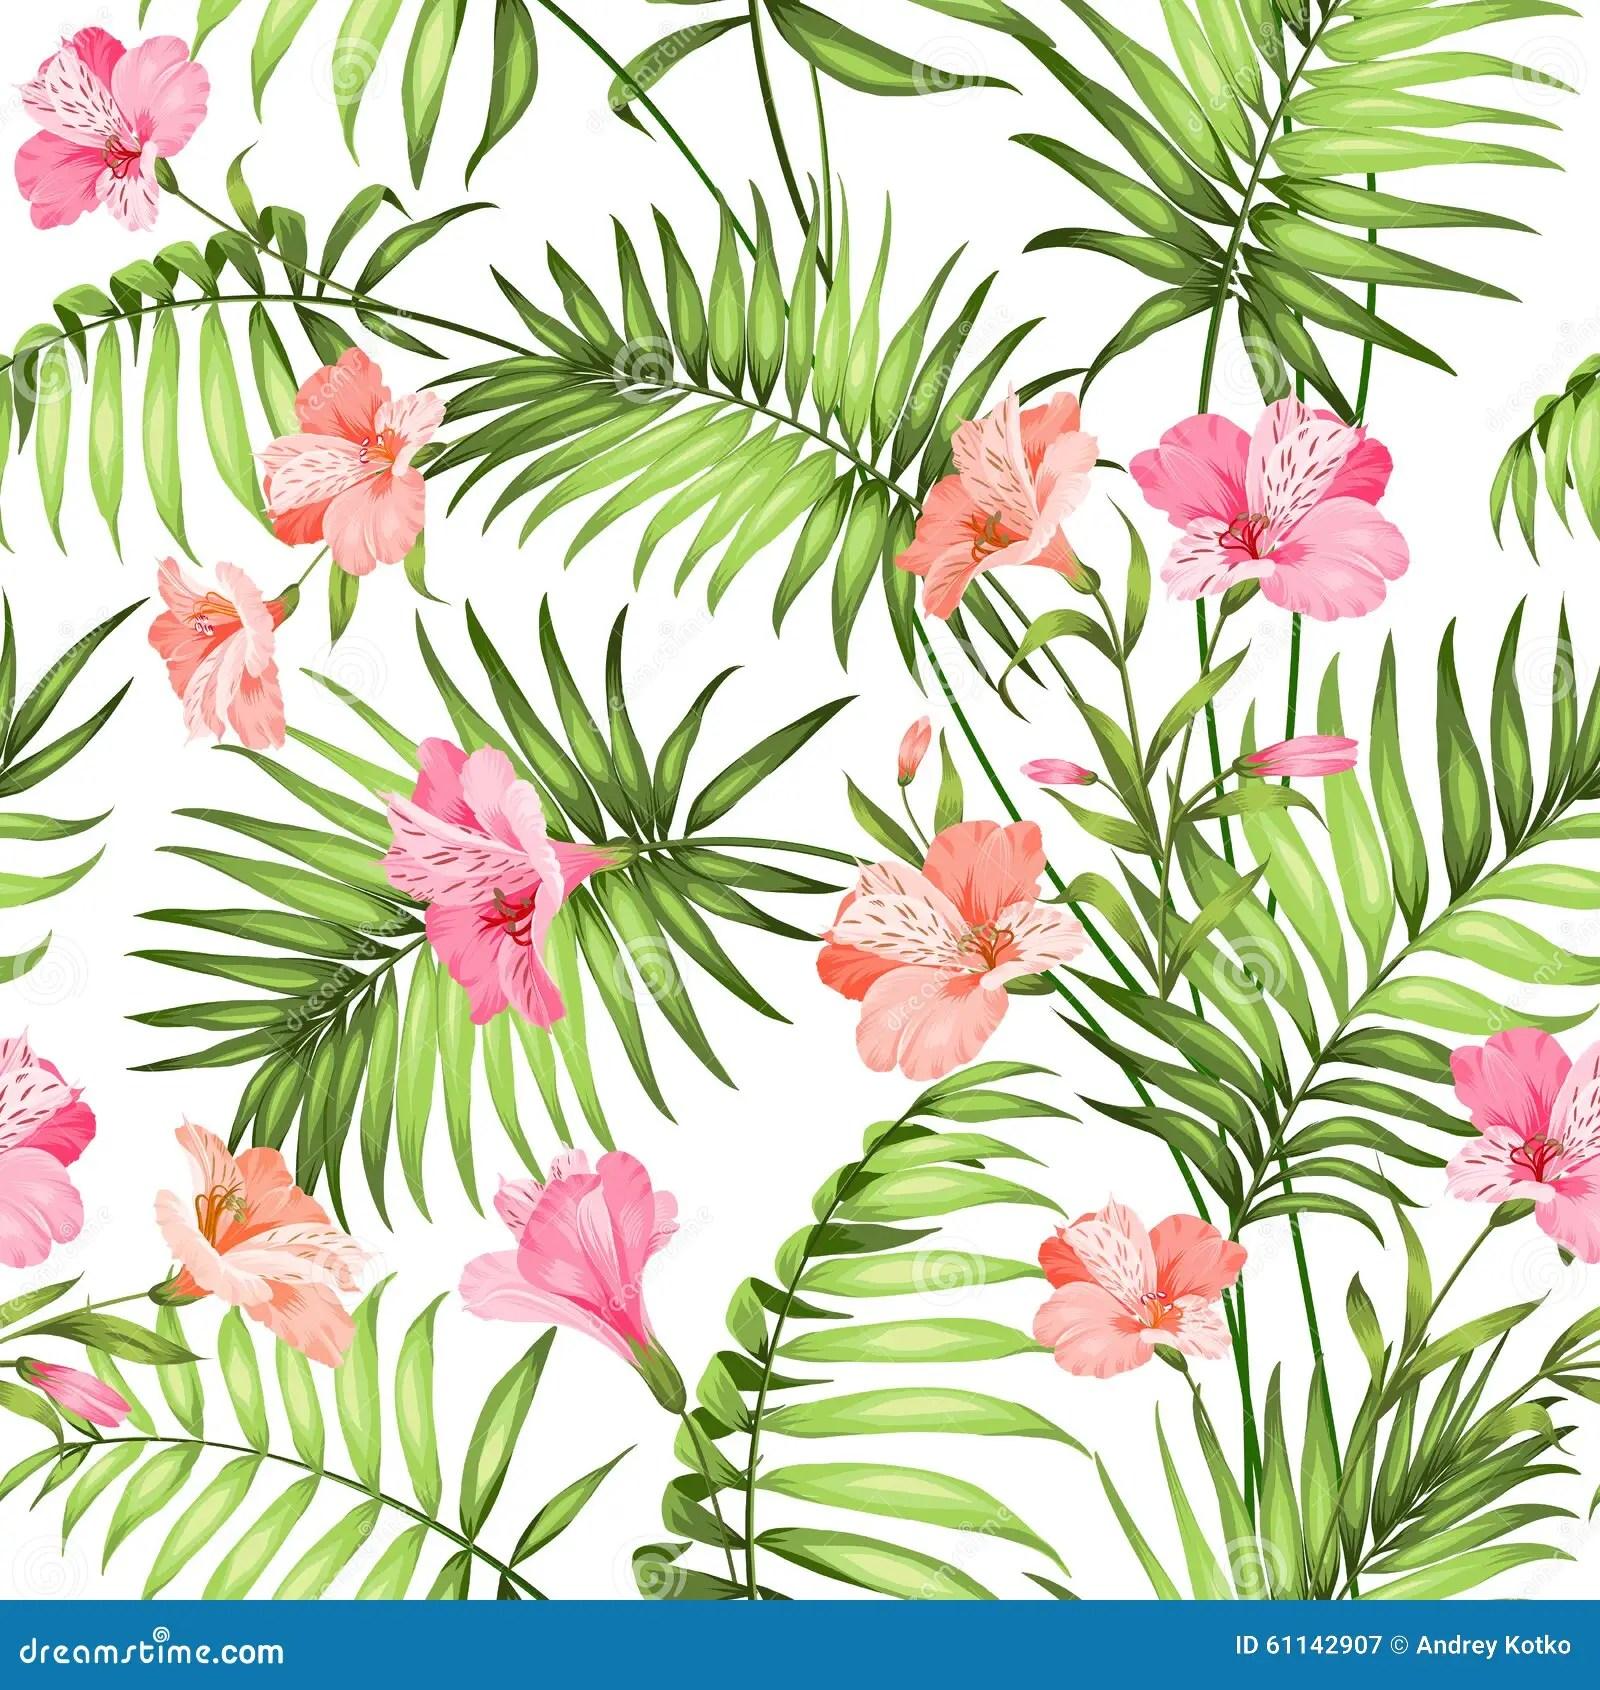 Schne Tropische Blumen Vektor Abbildung  Bild 61142907